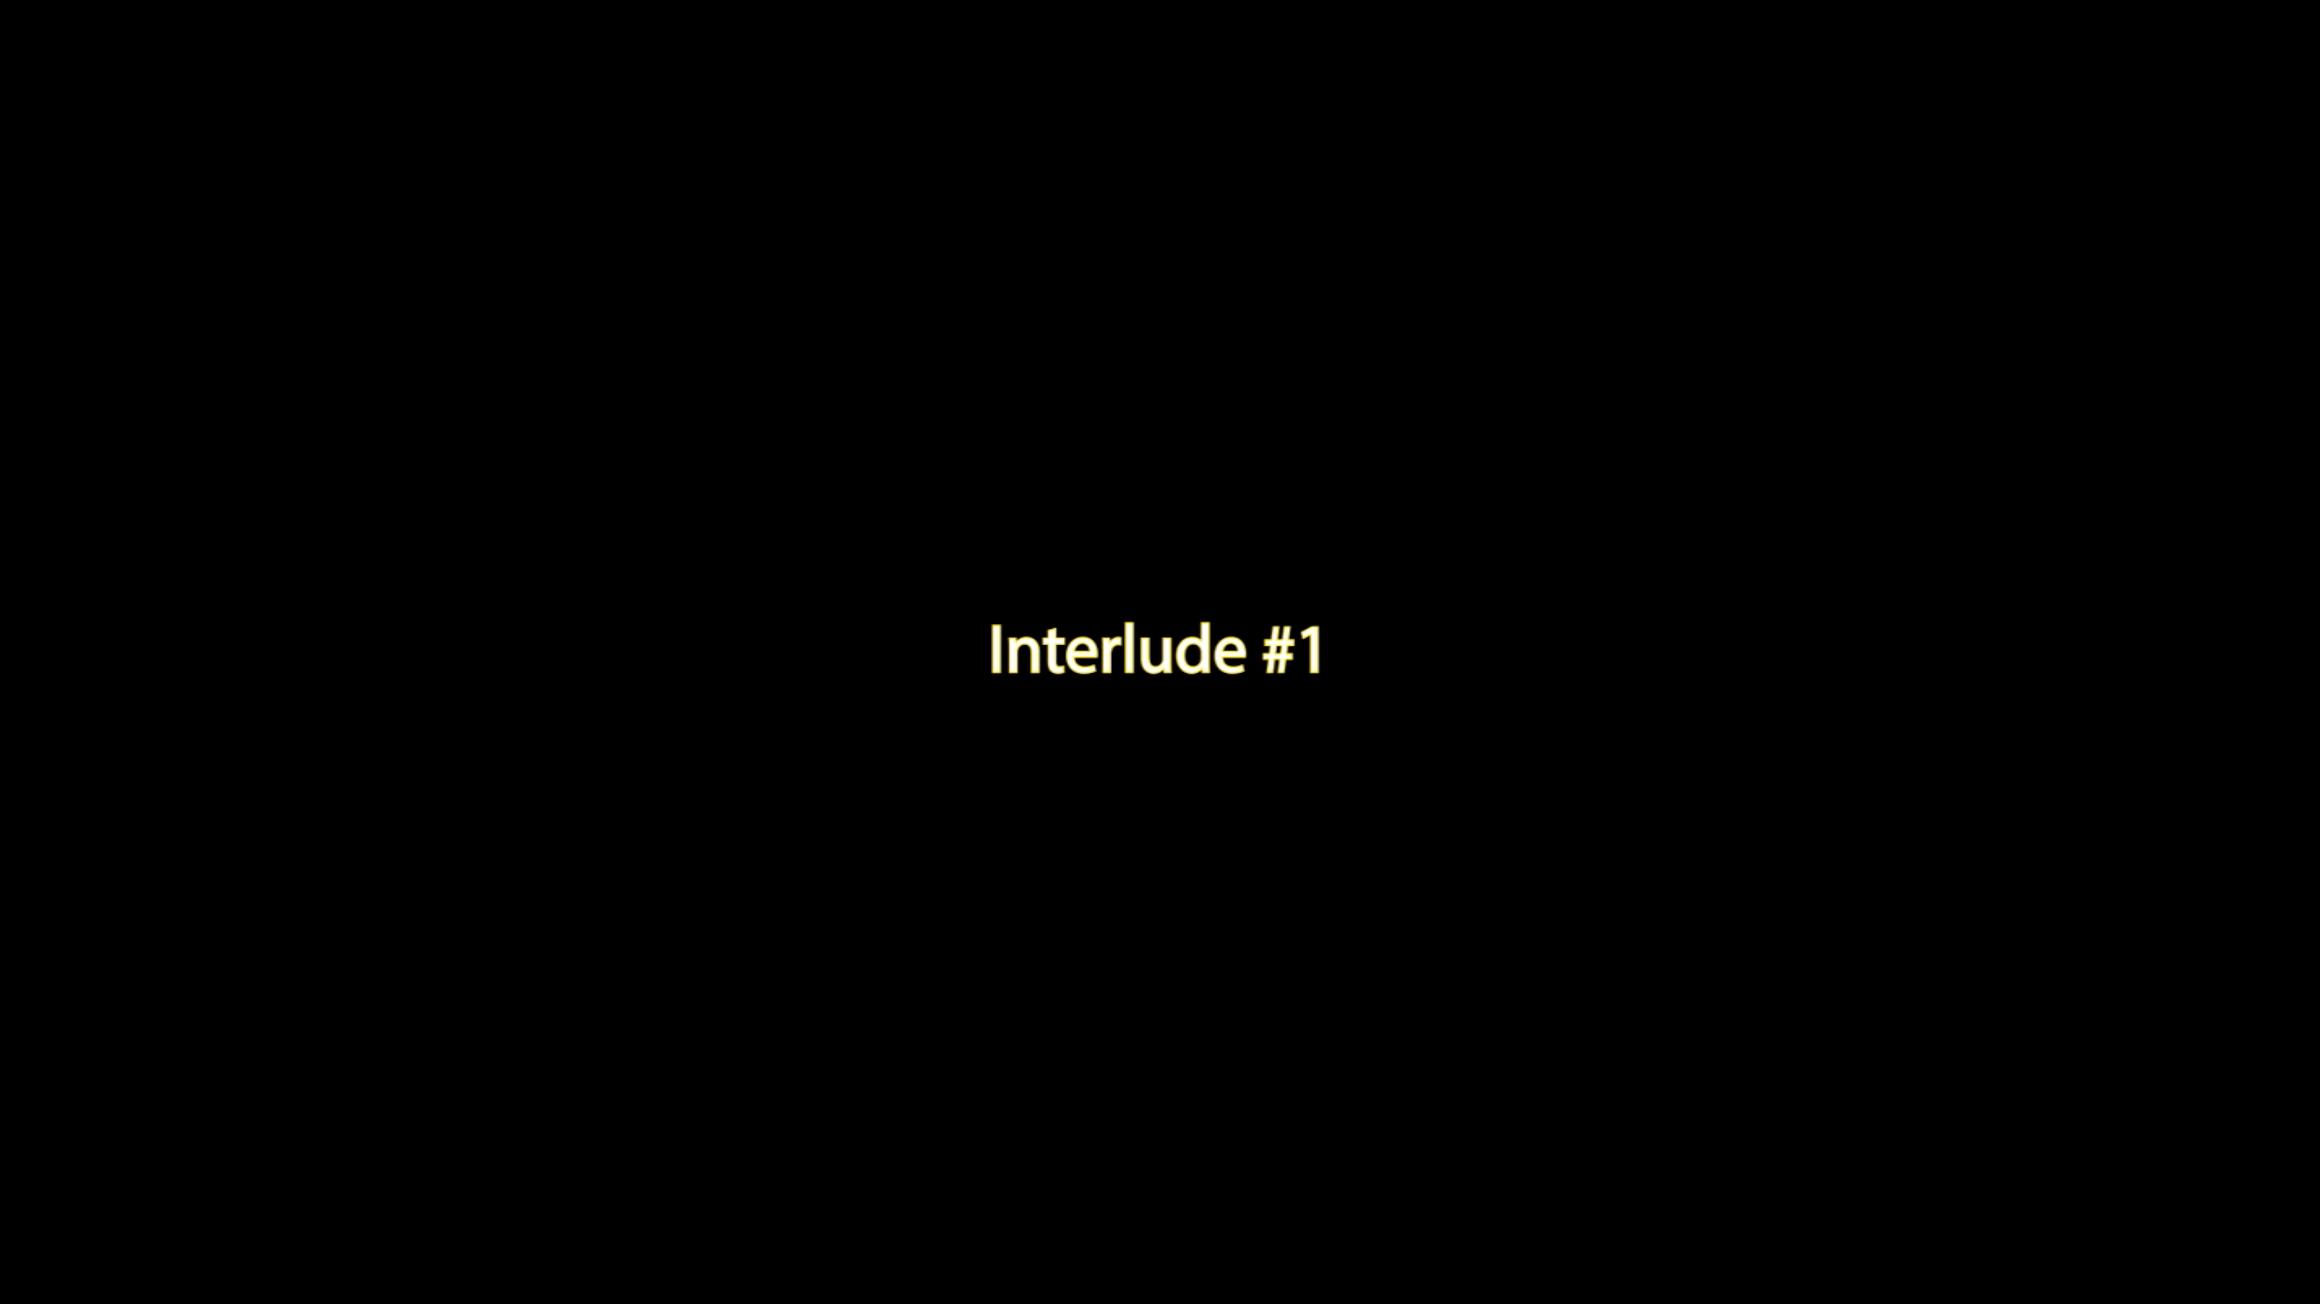 Interlude #1 Marq Robinson